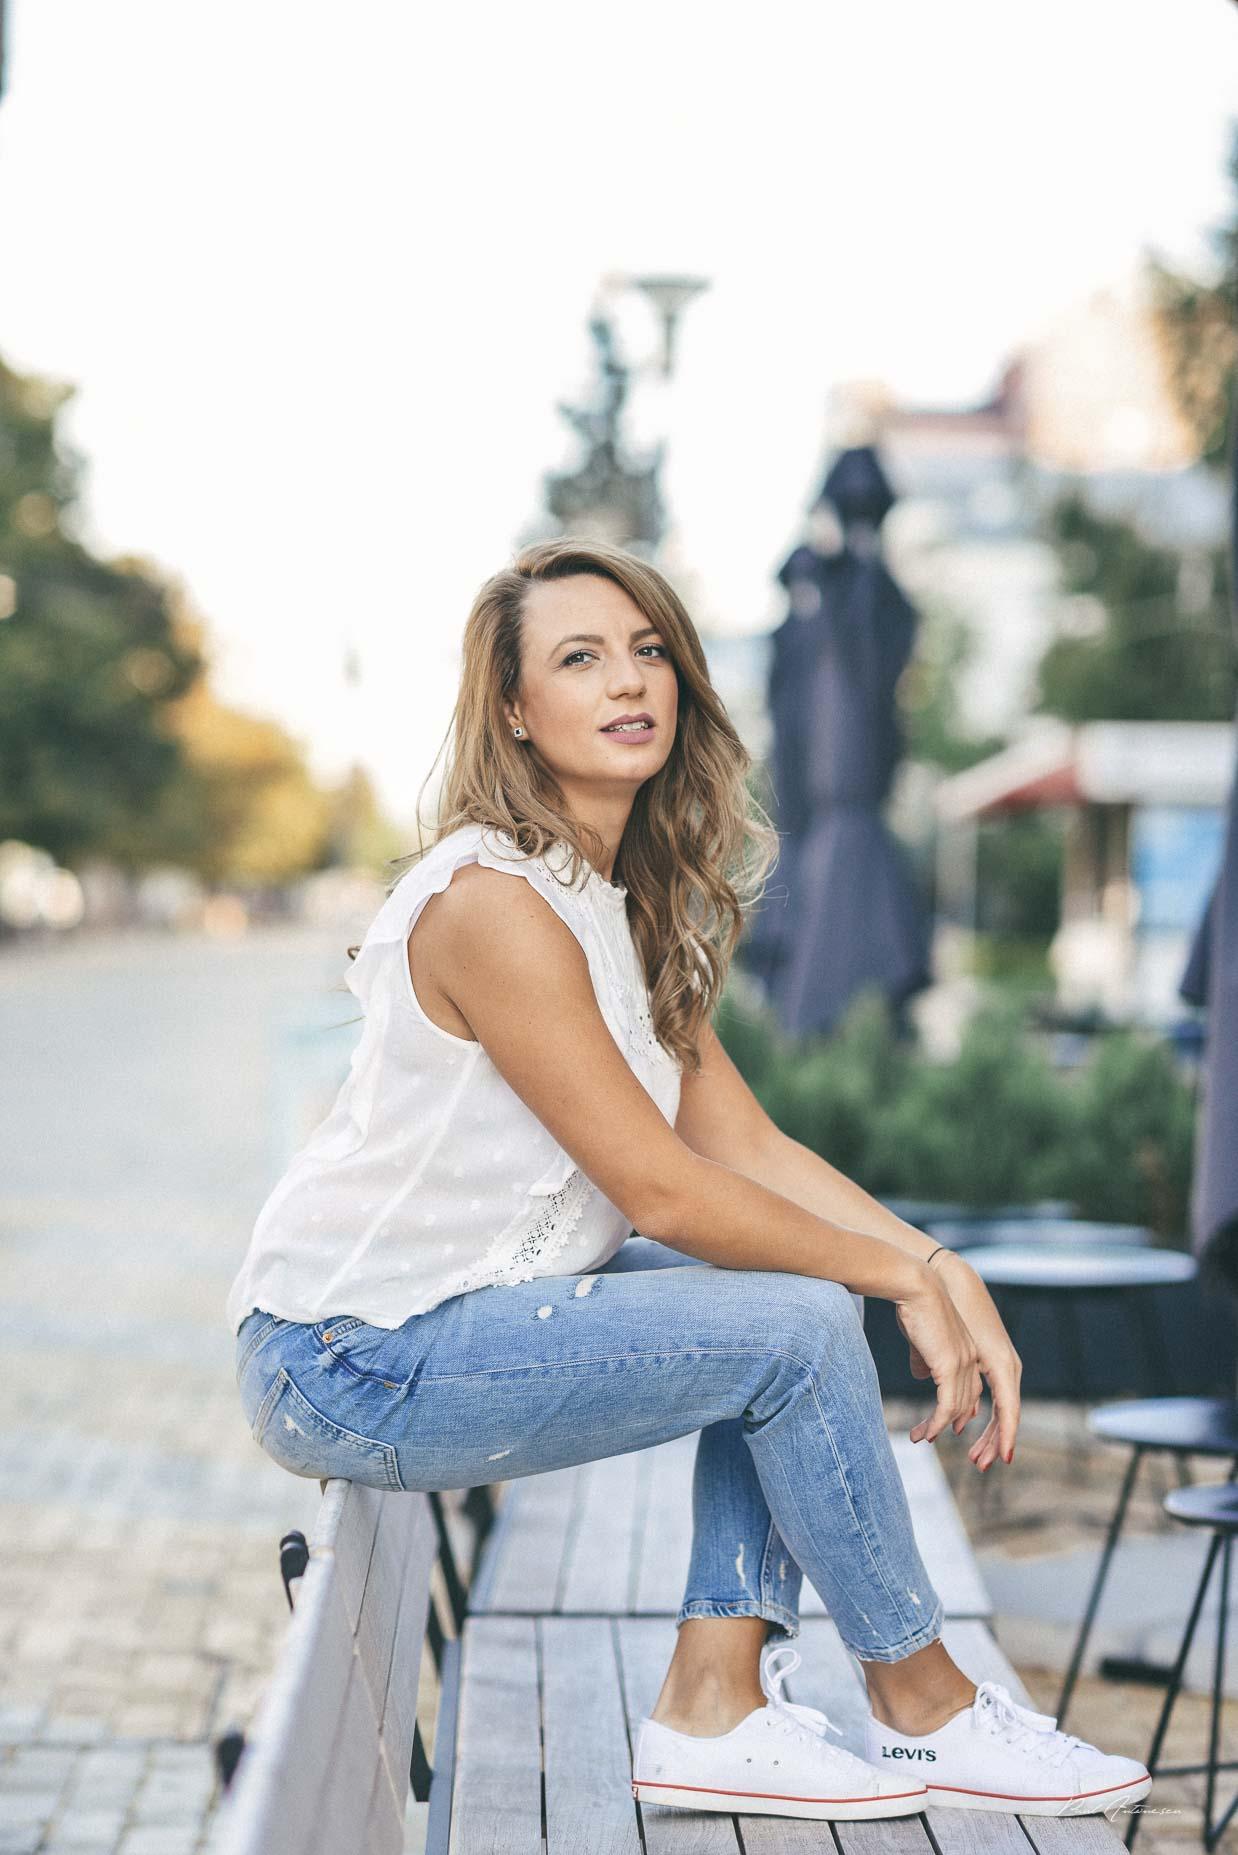 Potret de fata cu par blond ce poarta blugi, tenisi albi, bluza alba, fotografiata urban pe timp de zi